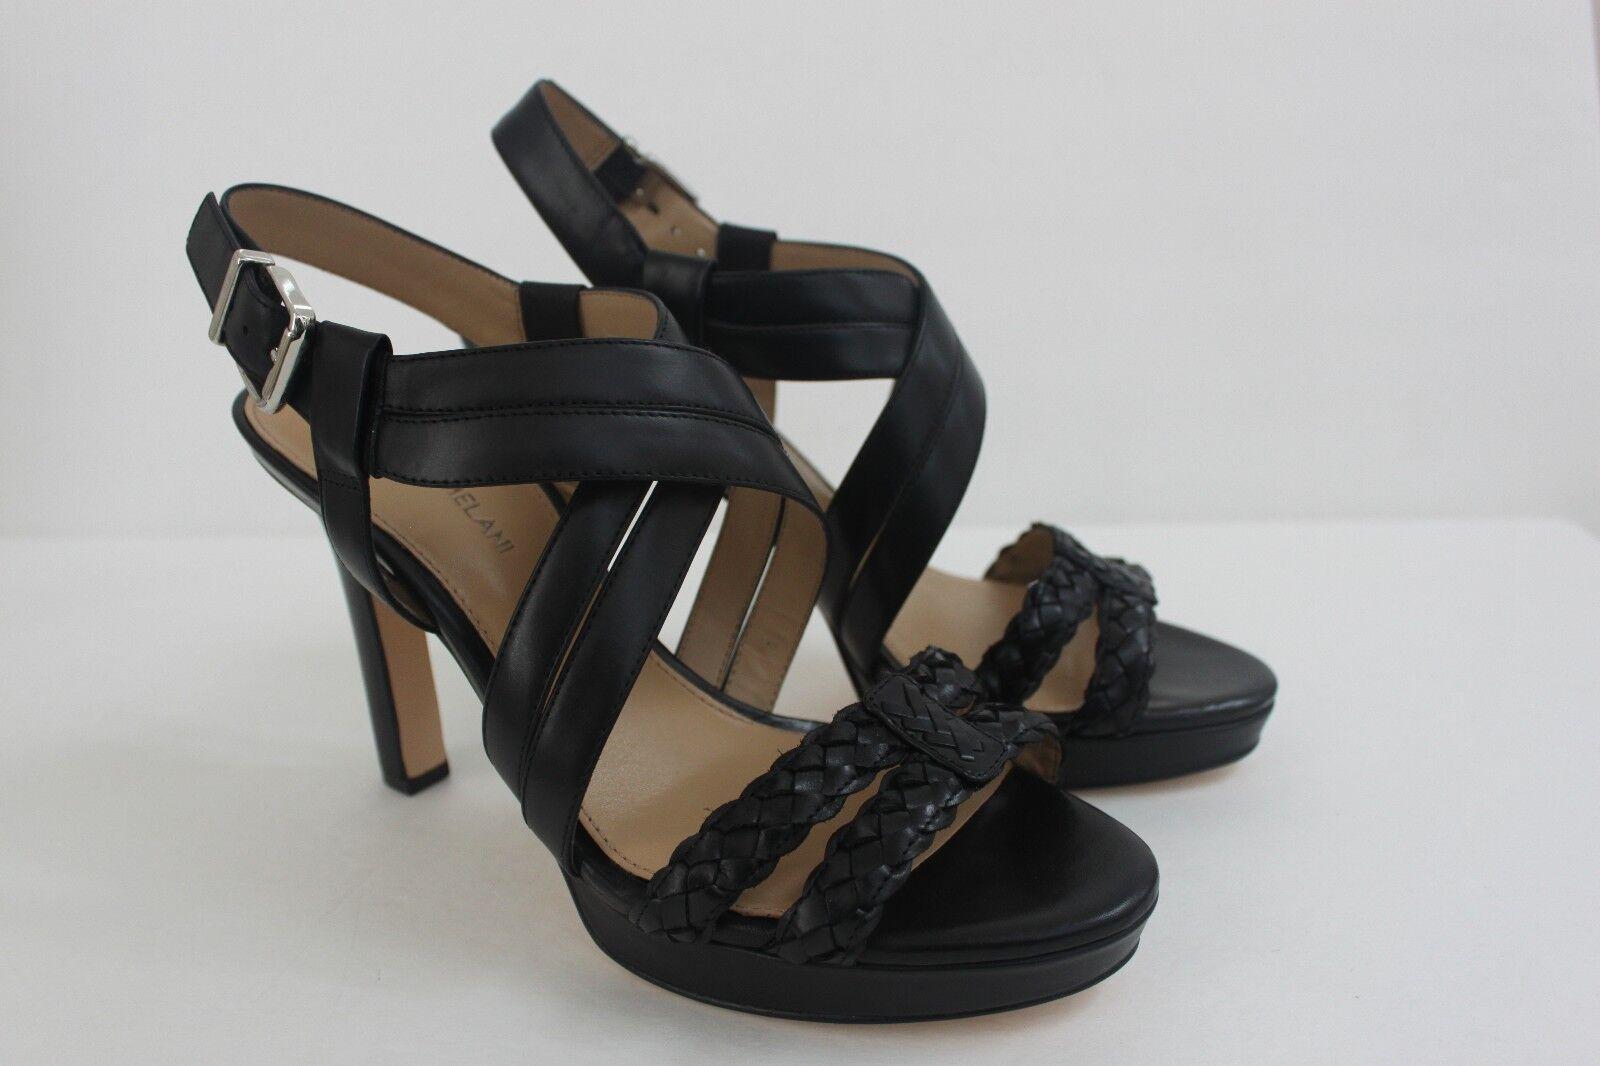 migliore qualità Antonio Melani donna Dimensione 9.5 M nero nero nero Calf Leather Woven Sandals scarpe NIB  n ° 1 online